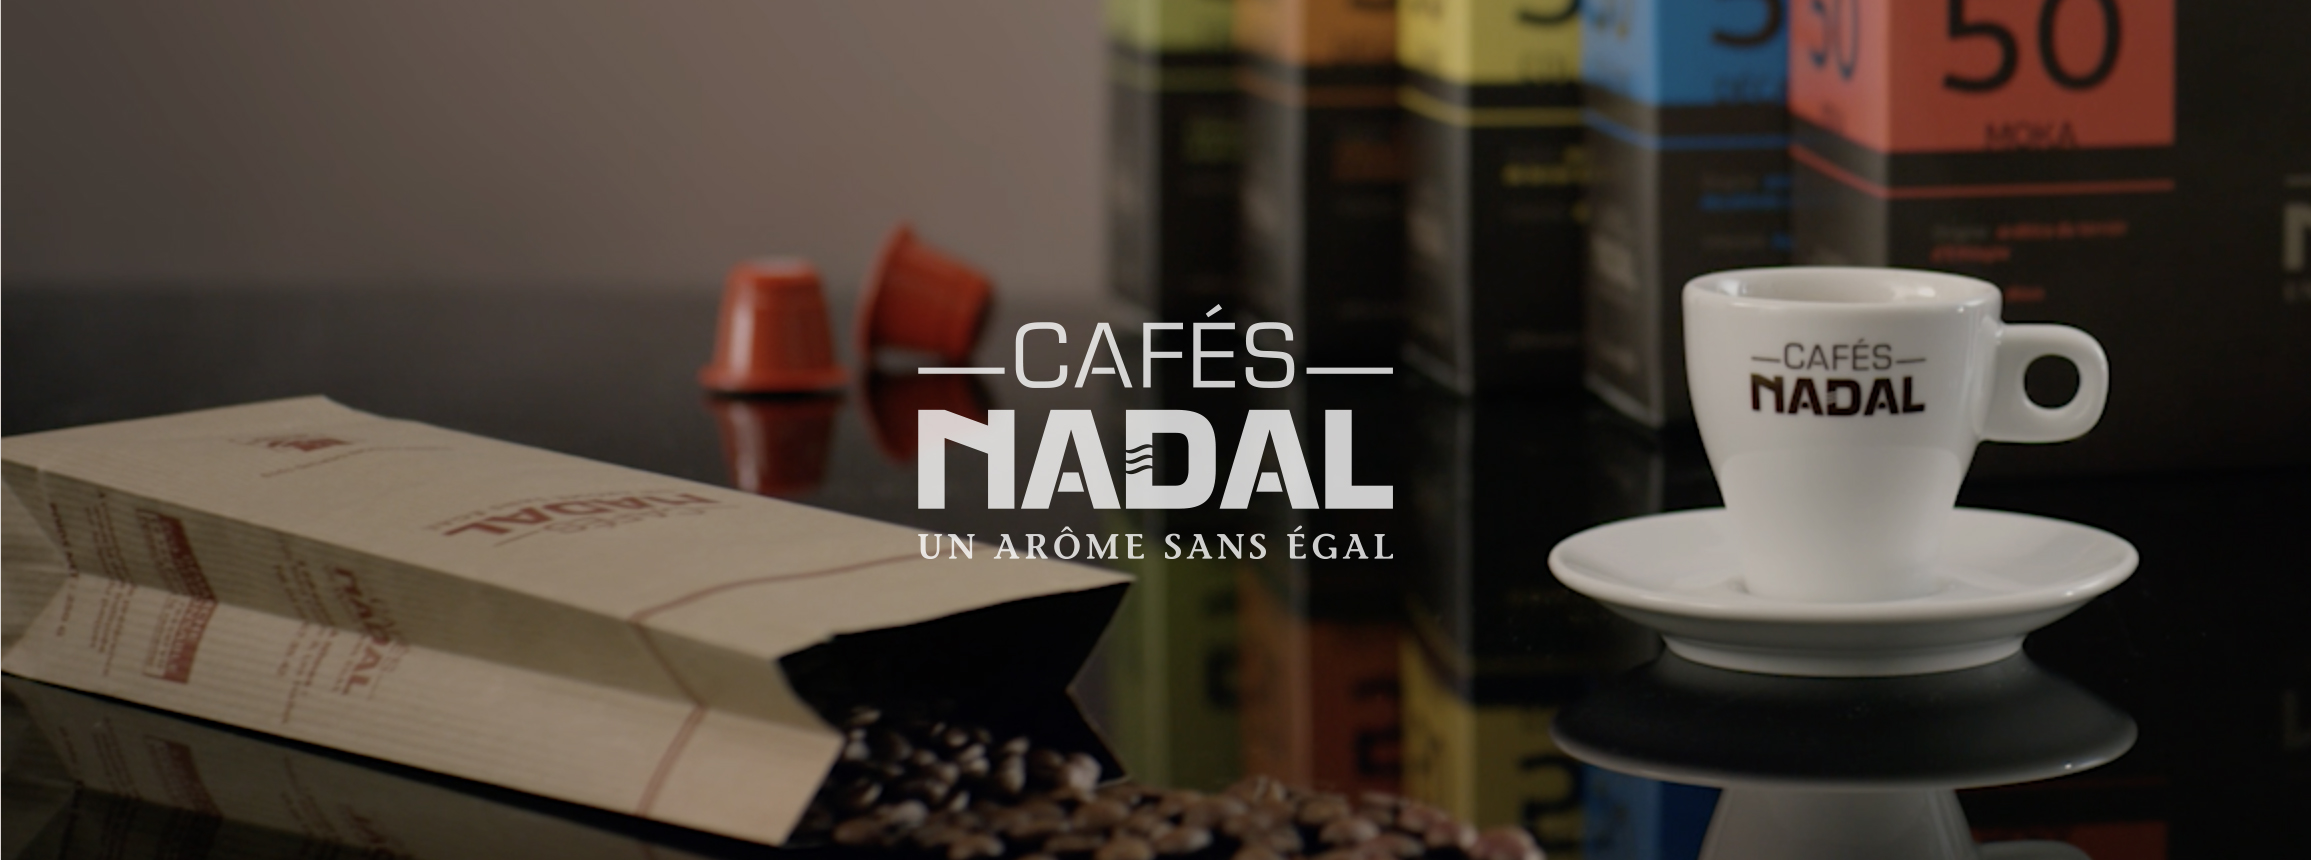 7653f2d98 Vente en ligne de café en grains